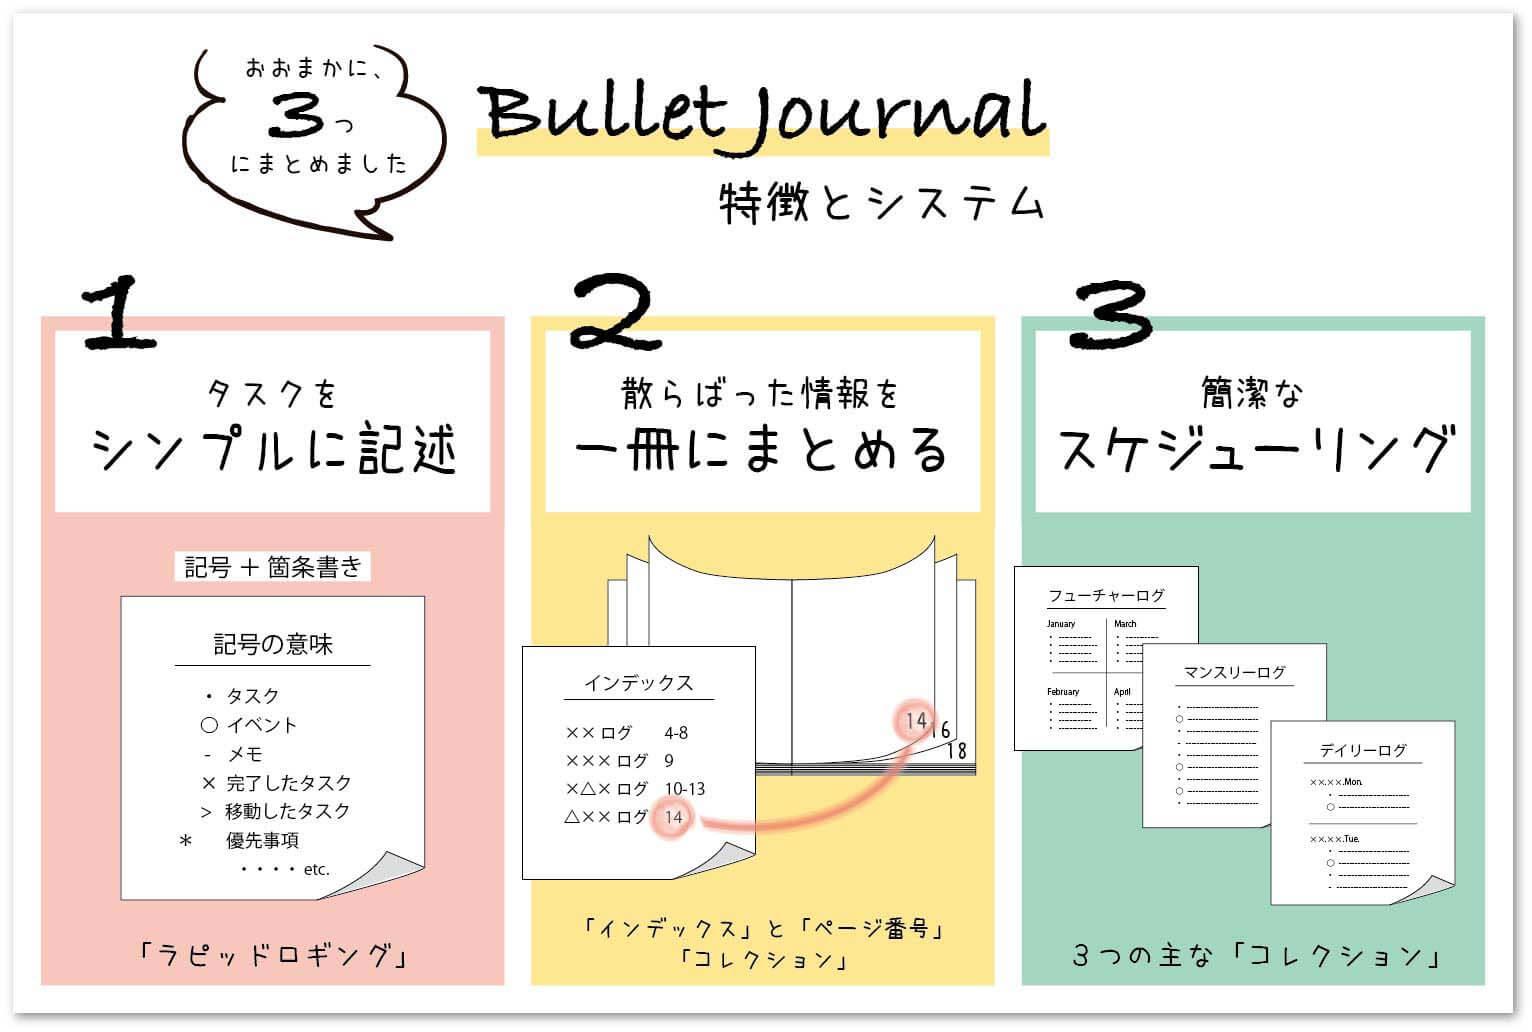 バレットジャーナル図解2